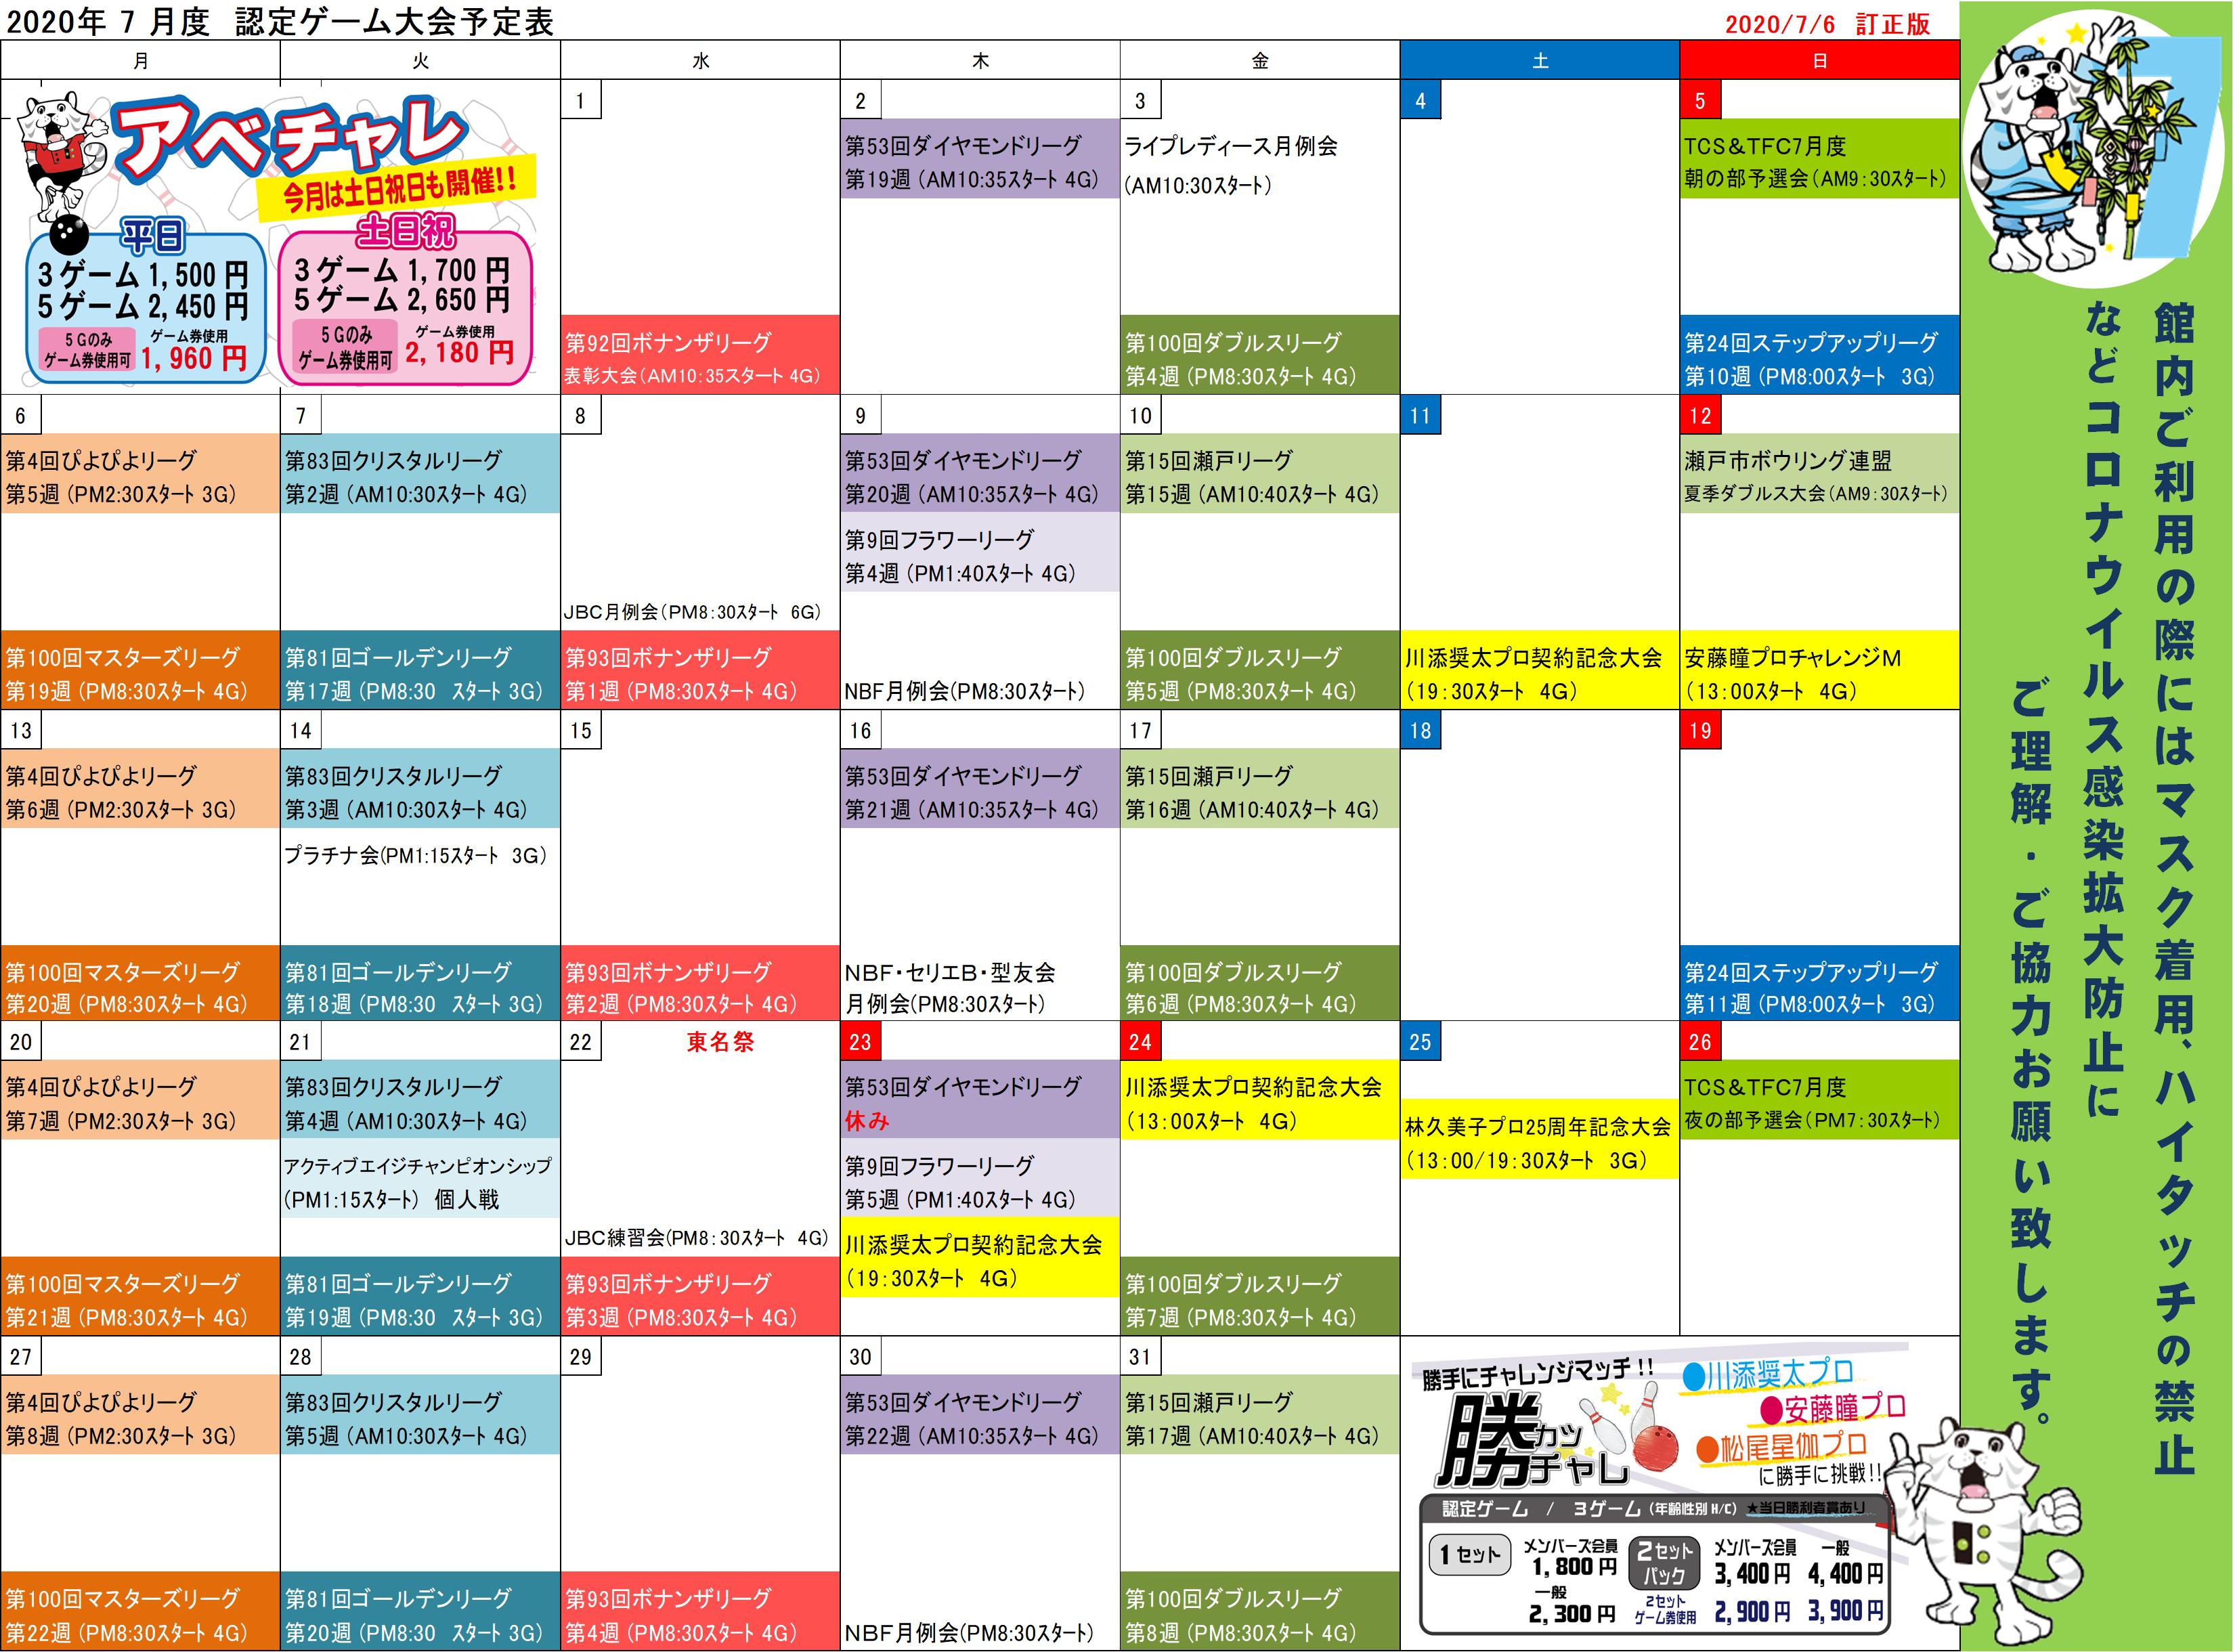 ★会員様向け7月認定ゲーム大会予定表